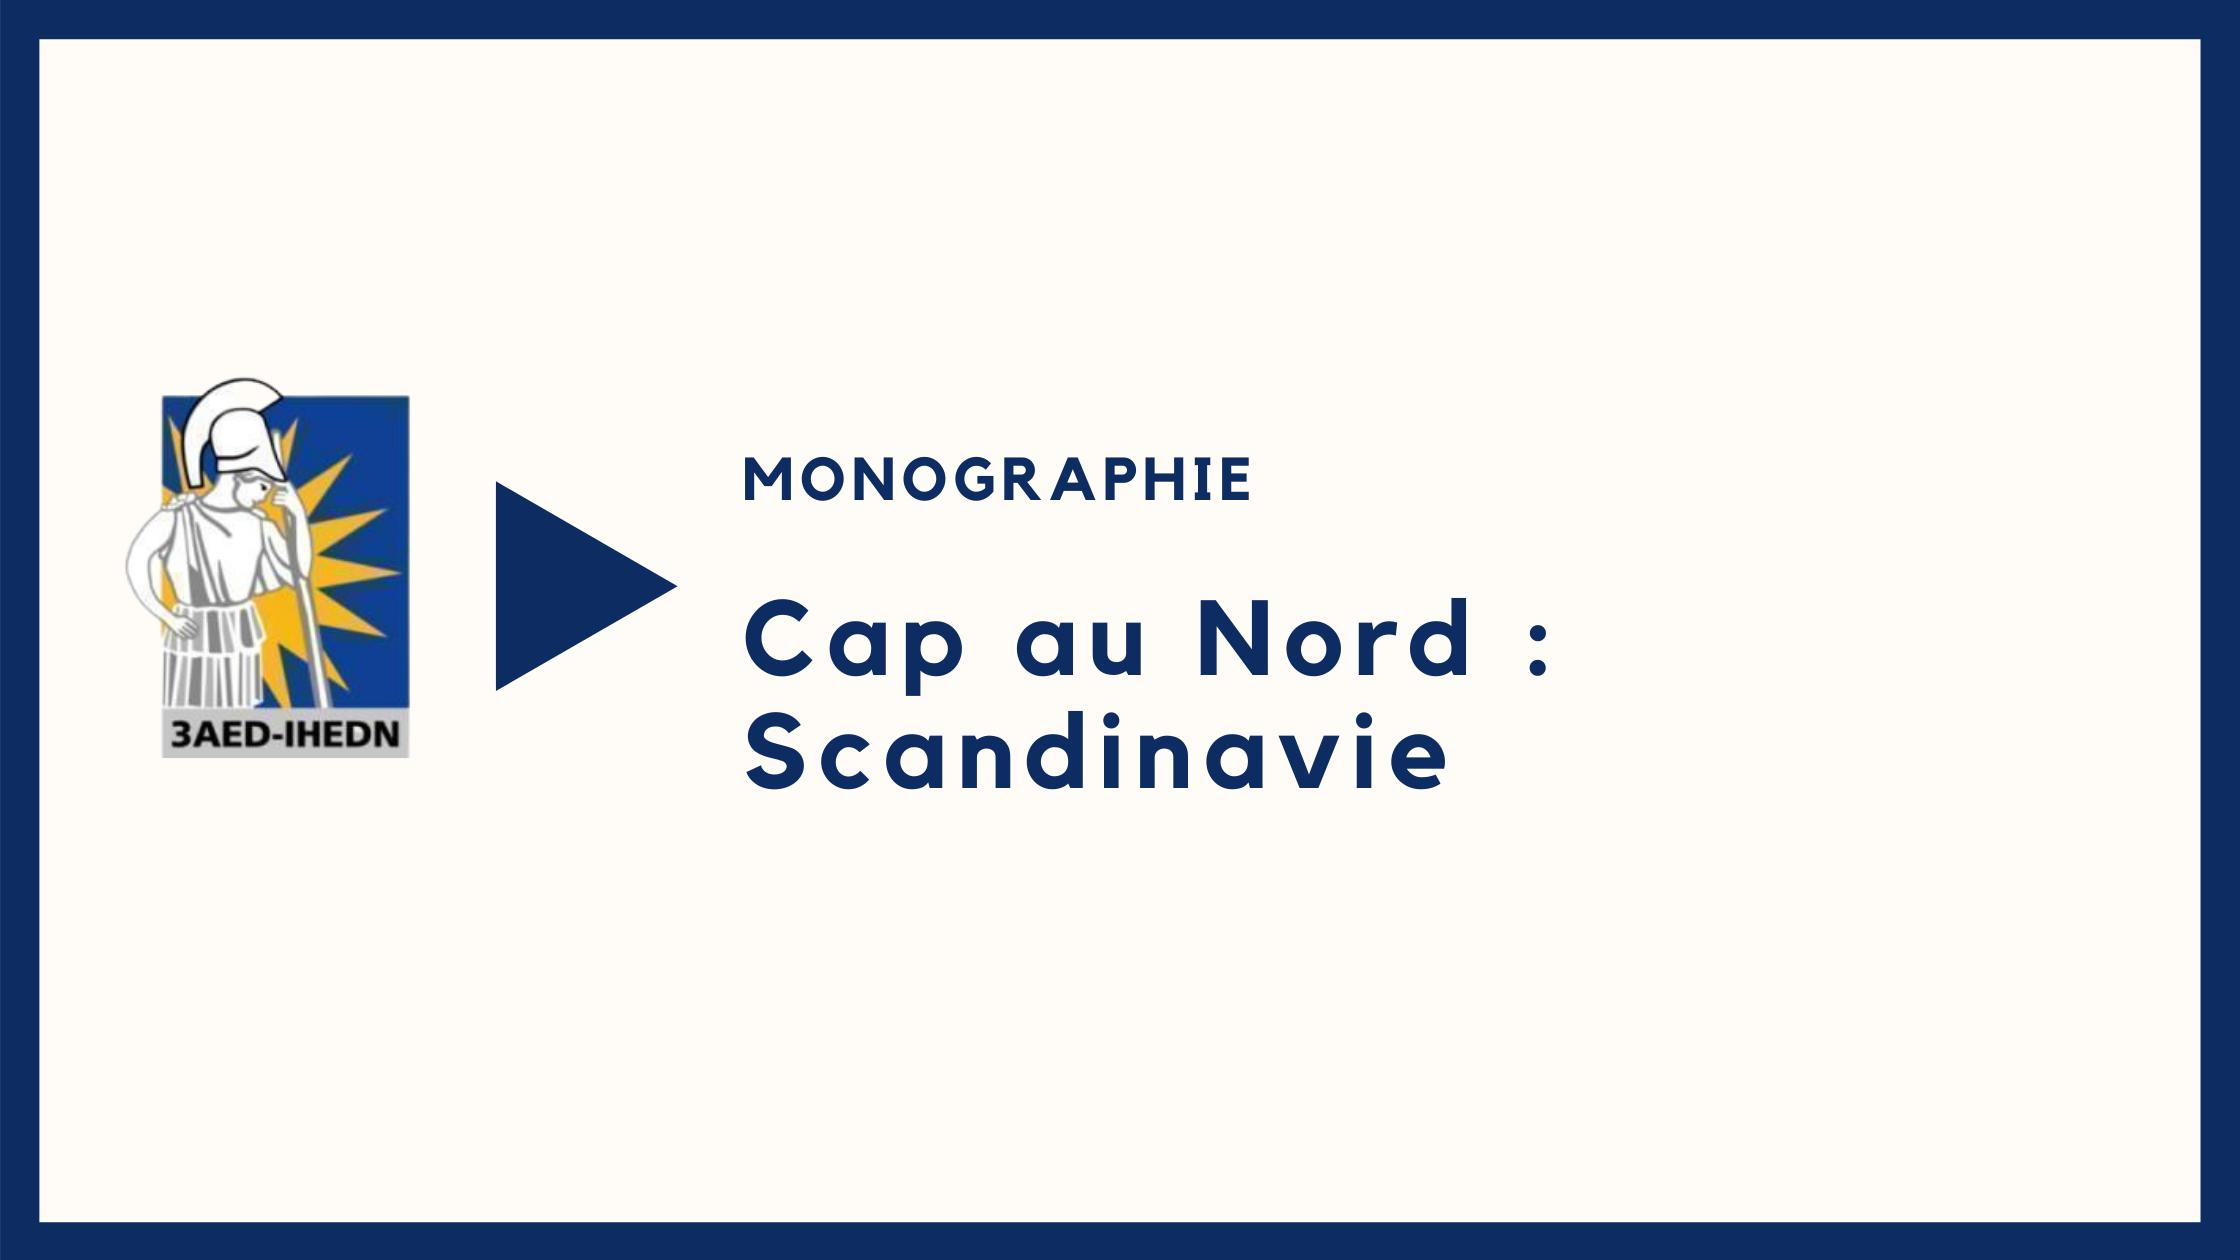 Monographie |Cap au Nord : Scandinavie